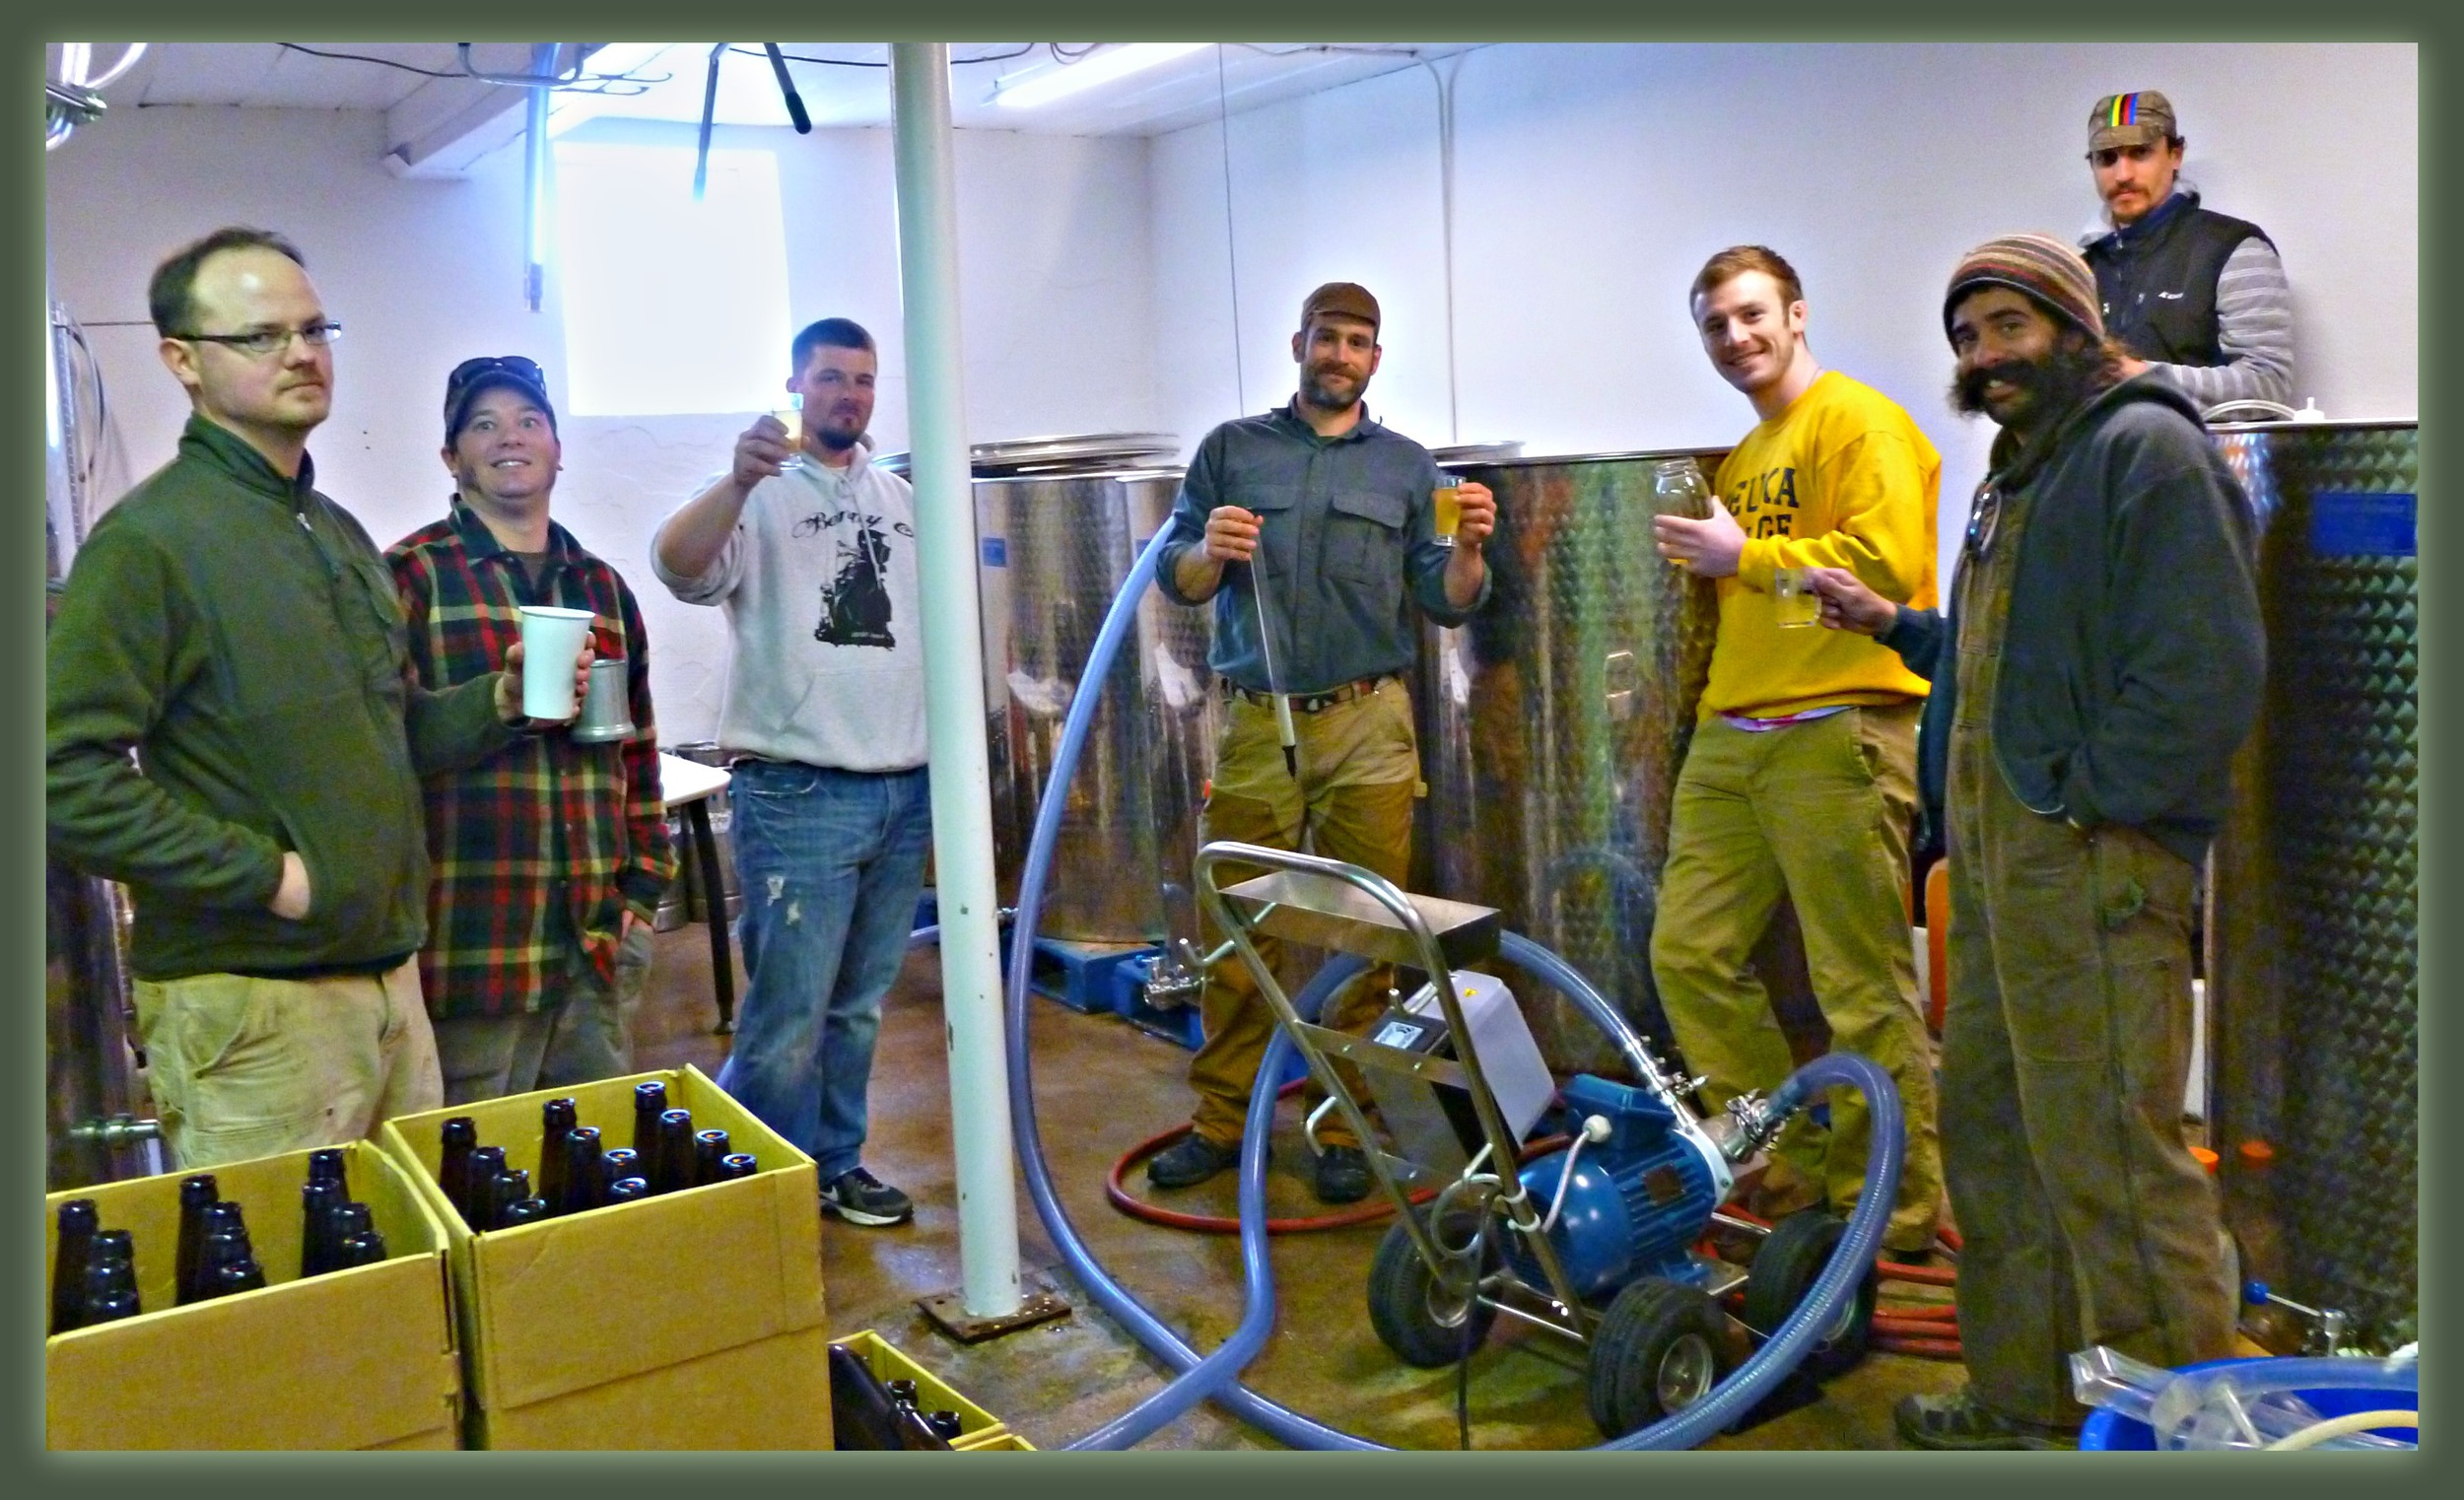 Frecon's Brew Crew